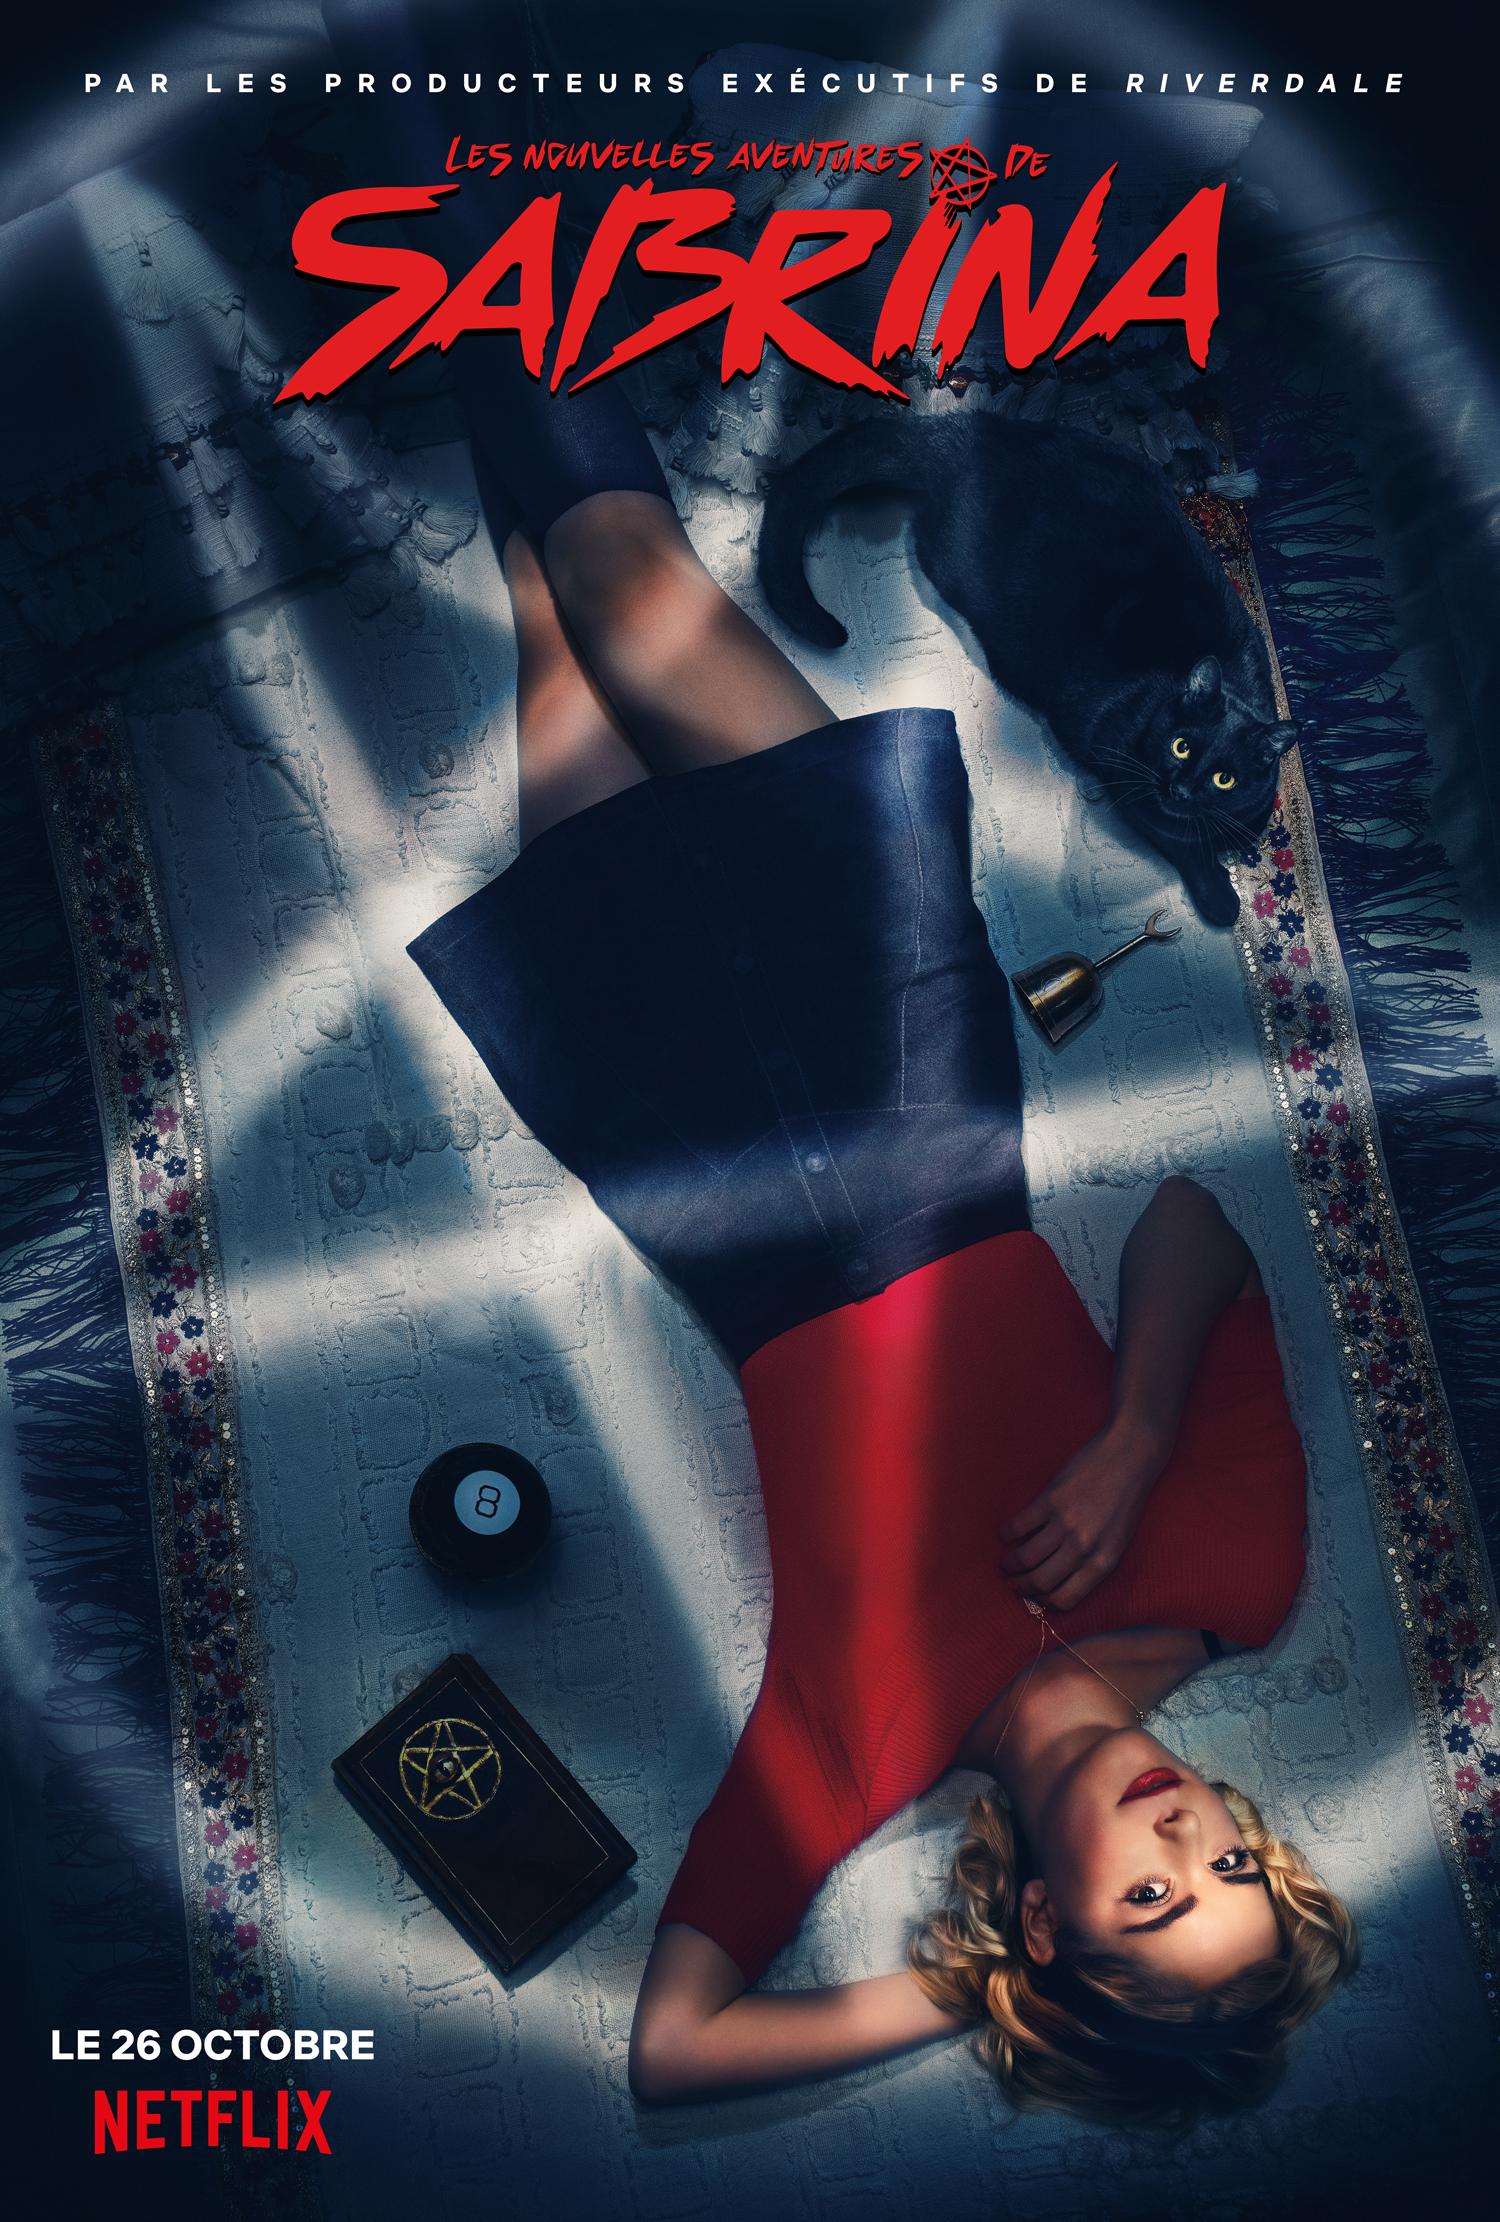 Les aventures effrayantes de Sabrina - Affiche de la saison 1. Photo : Courtoisie de Netflix.